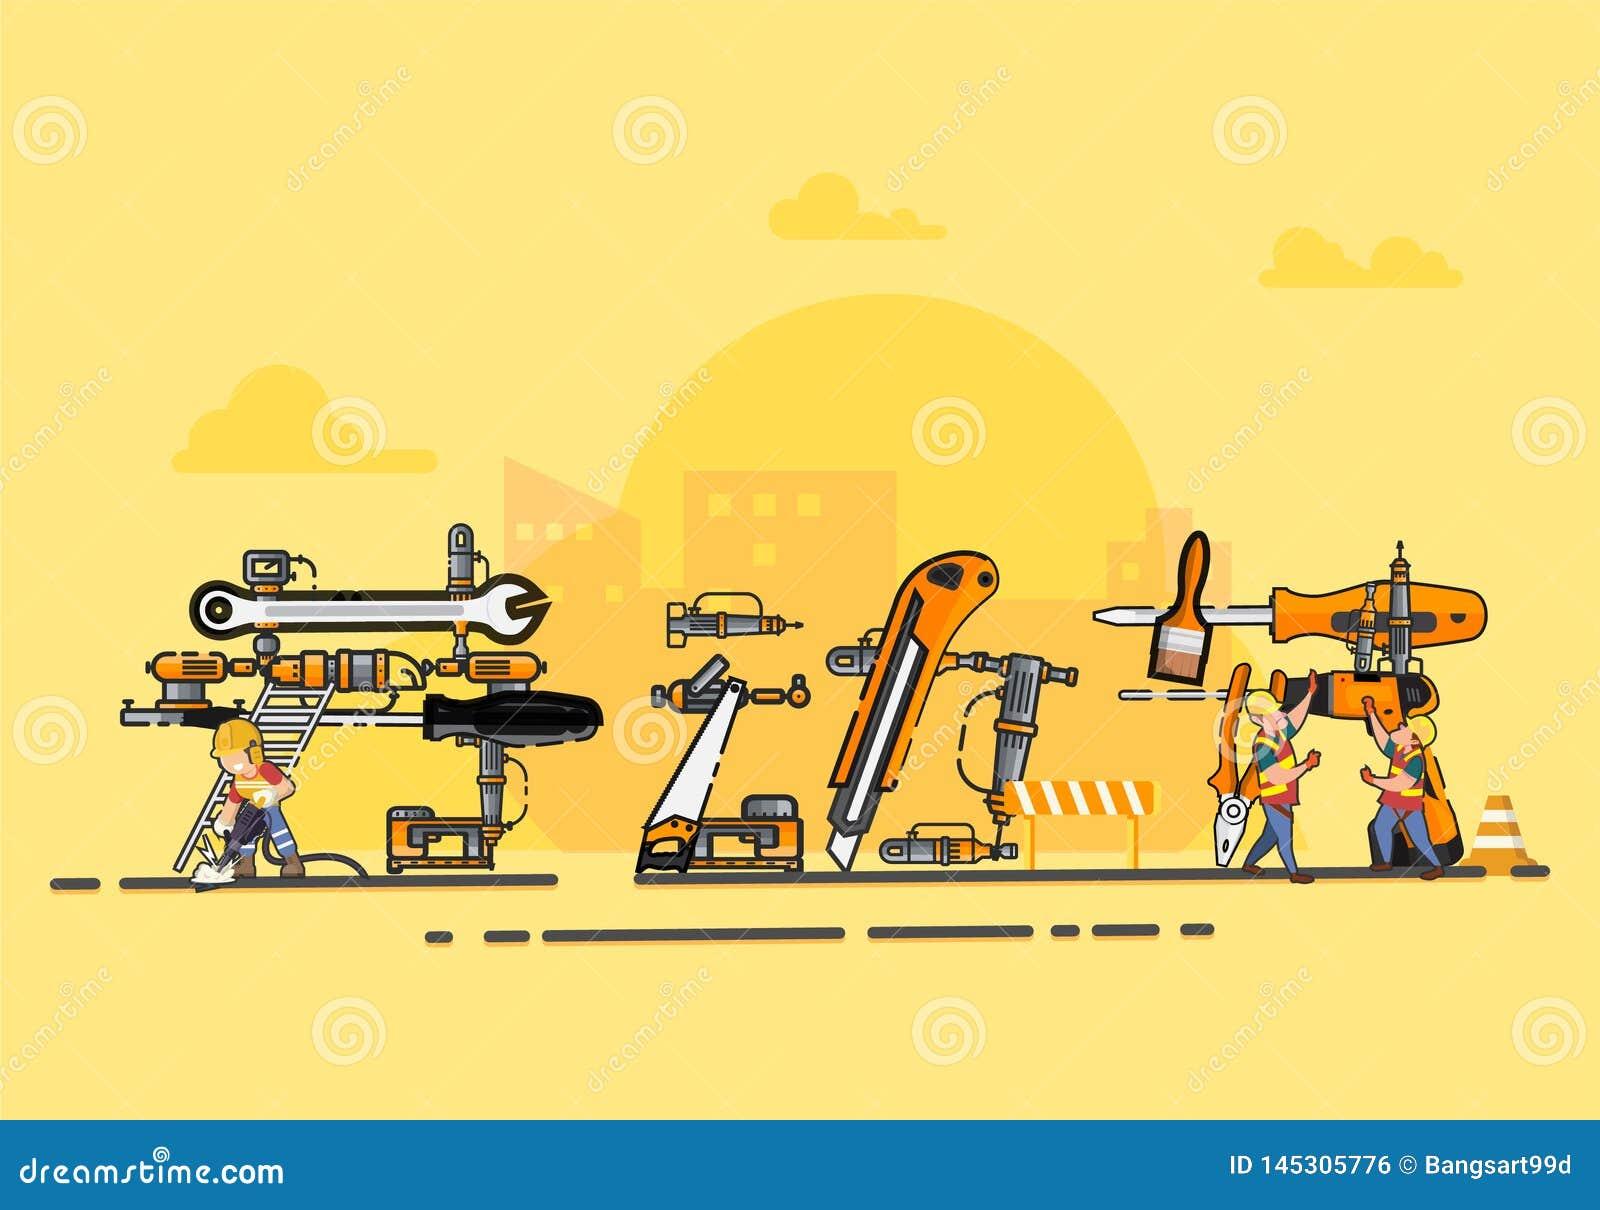 Illustrazione di vettore di festa del lavoro